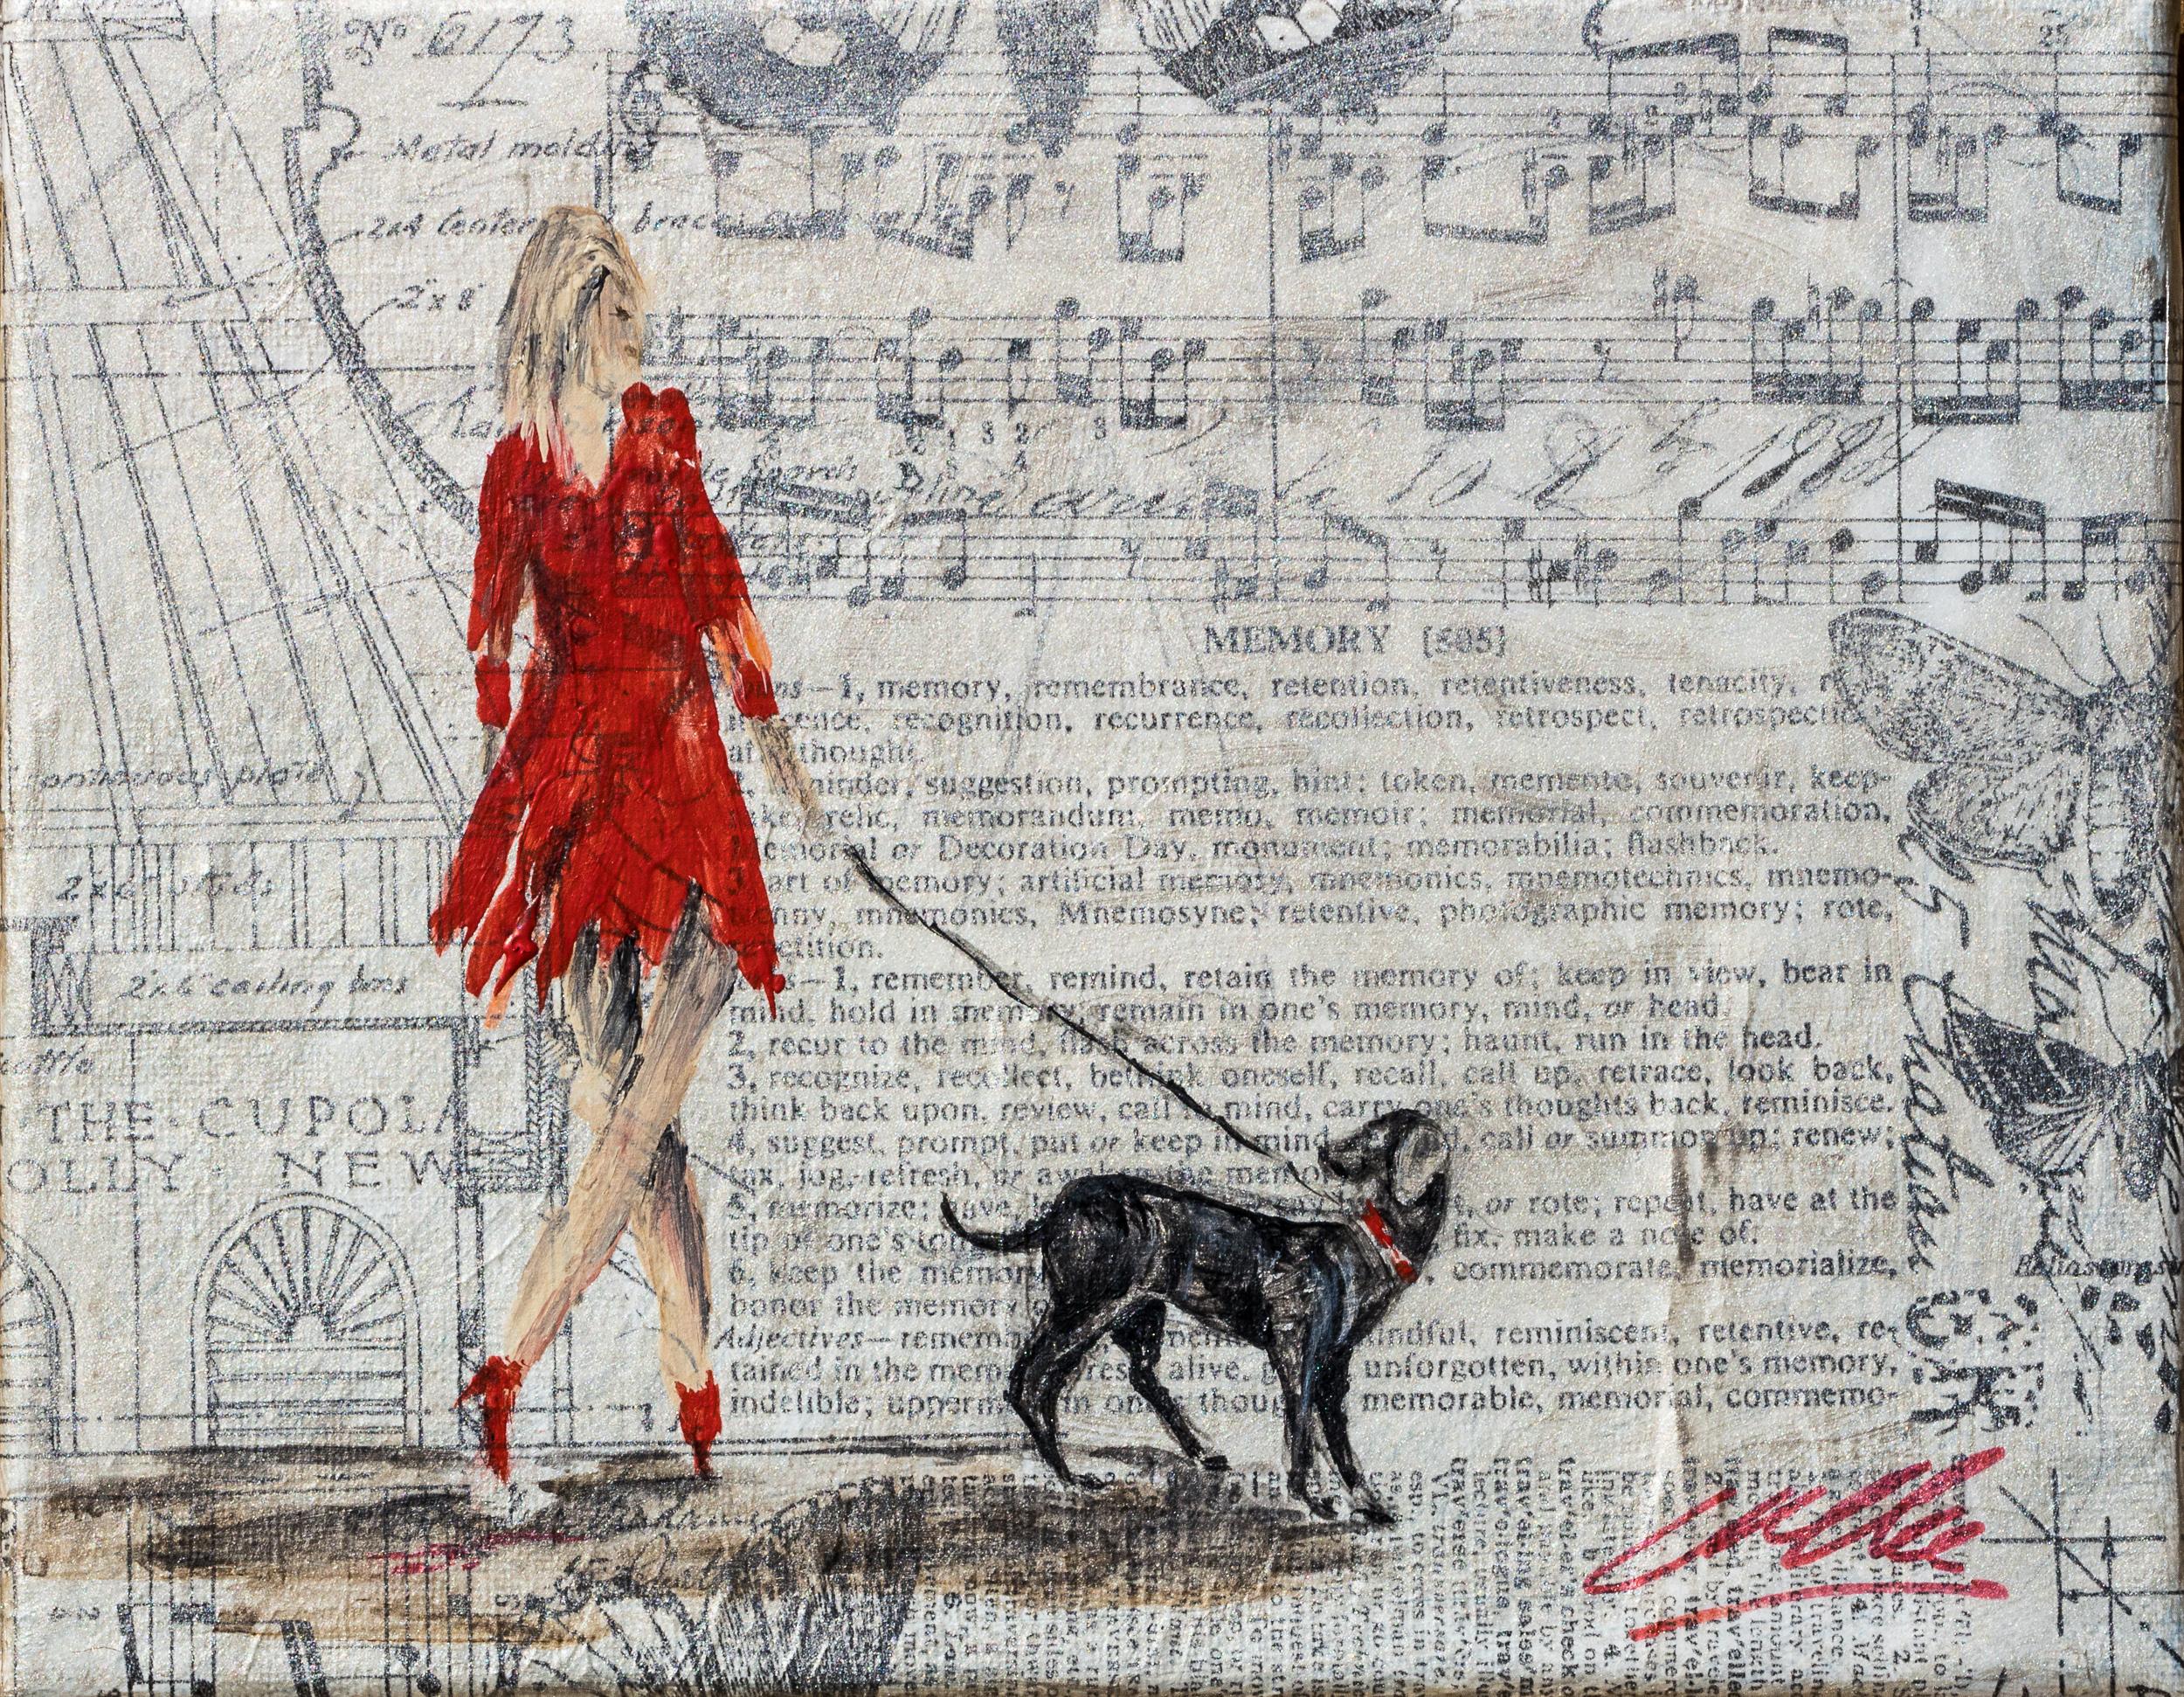 Musical red dress walk